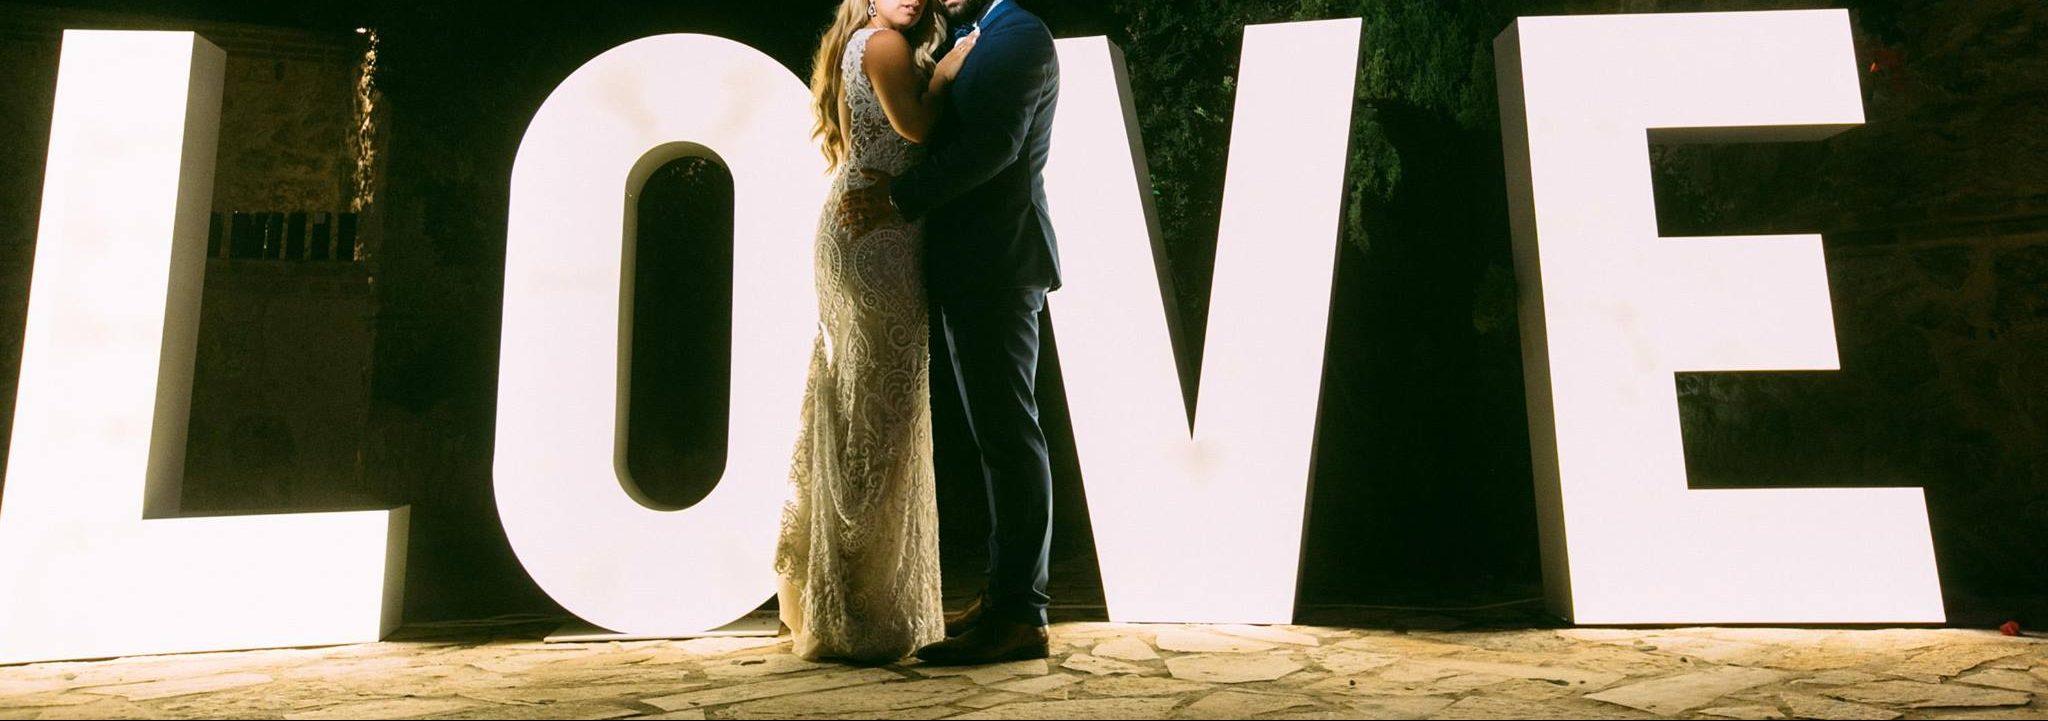 φωτιζόμενα γράμματα & λευκές καρδιές εκδηλώσεων, δεξιώσεων γάμου από την EKDILOSIS event production